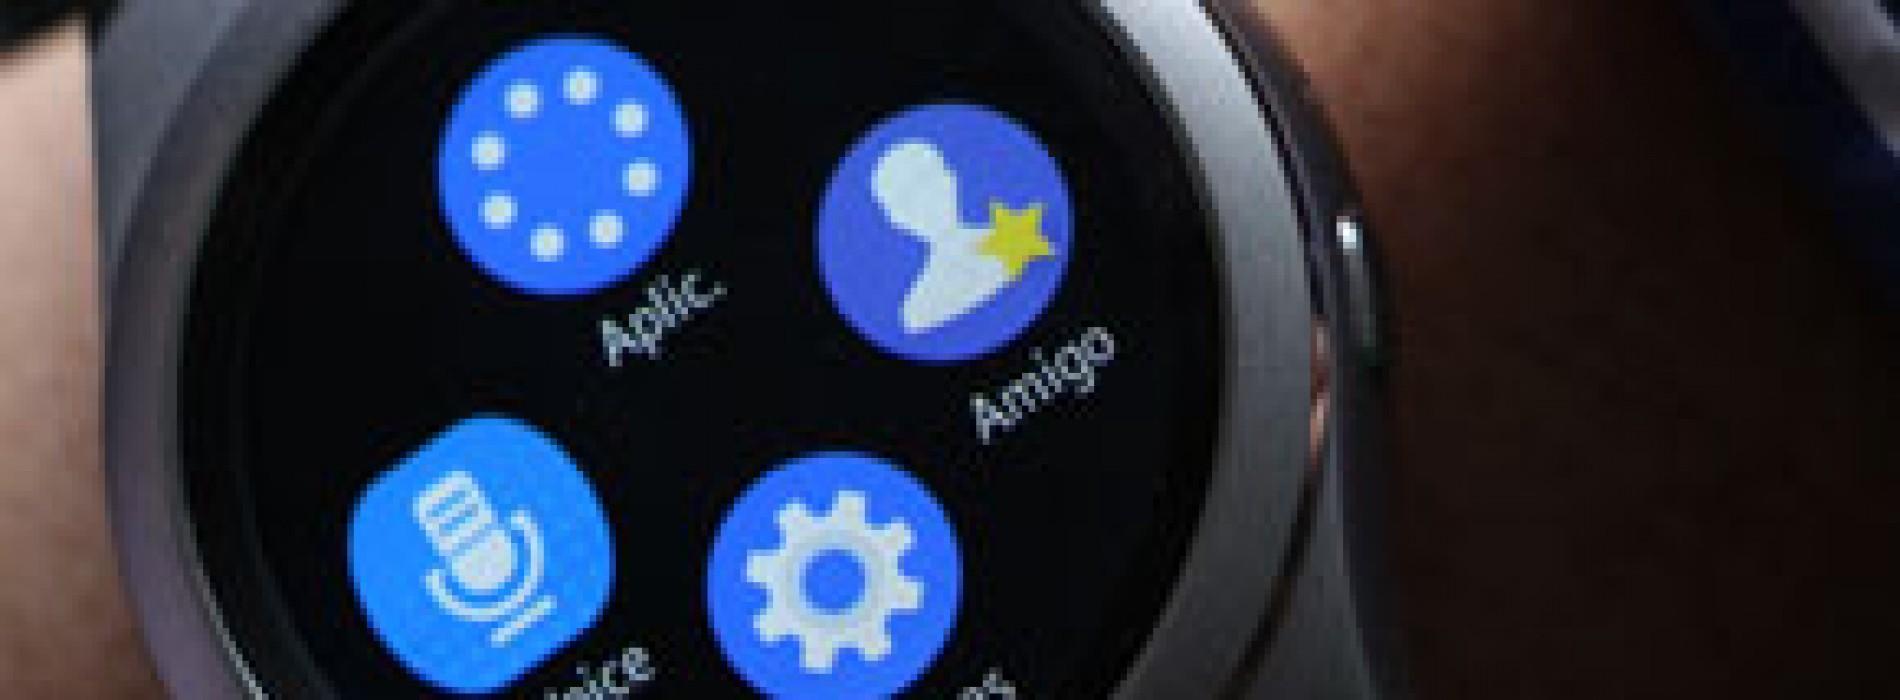 Gear S2 smartwatch circular para una experiencia intuitiva, cómoda y agradable